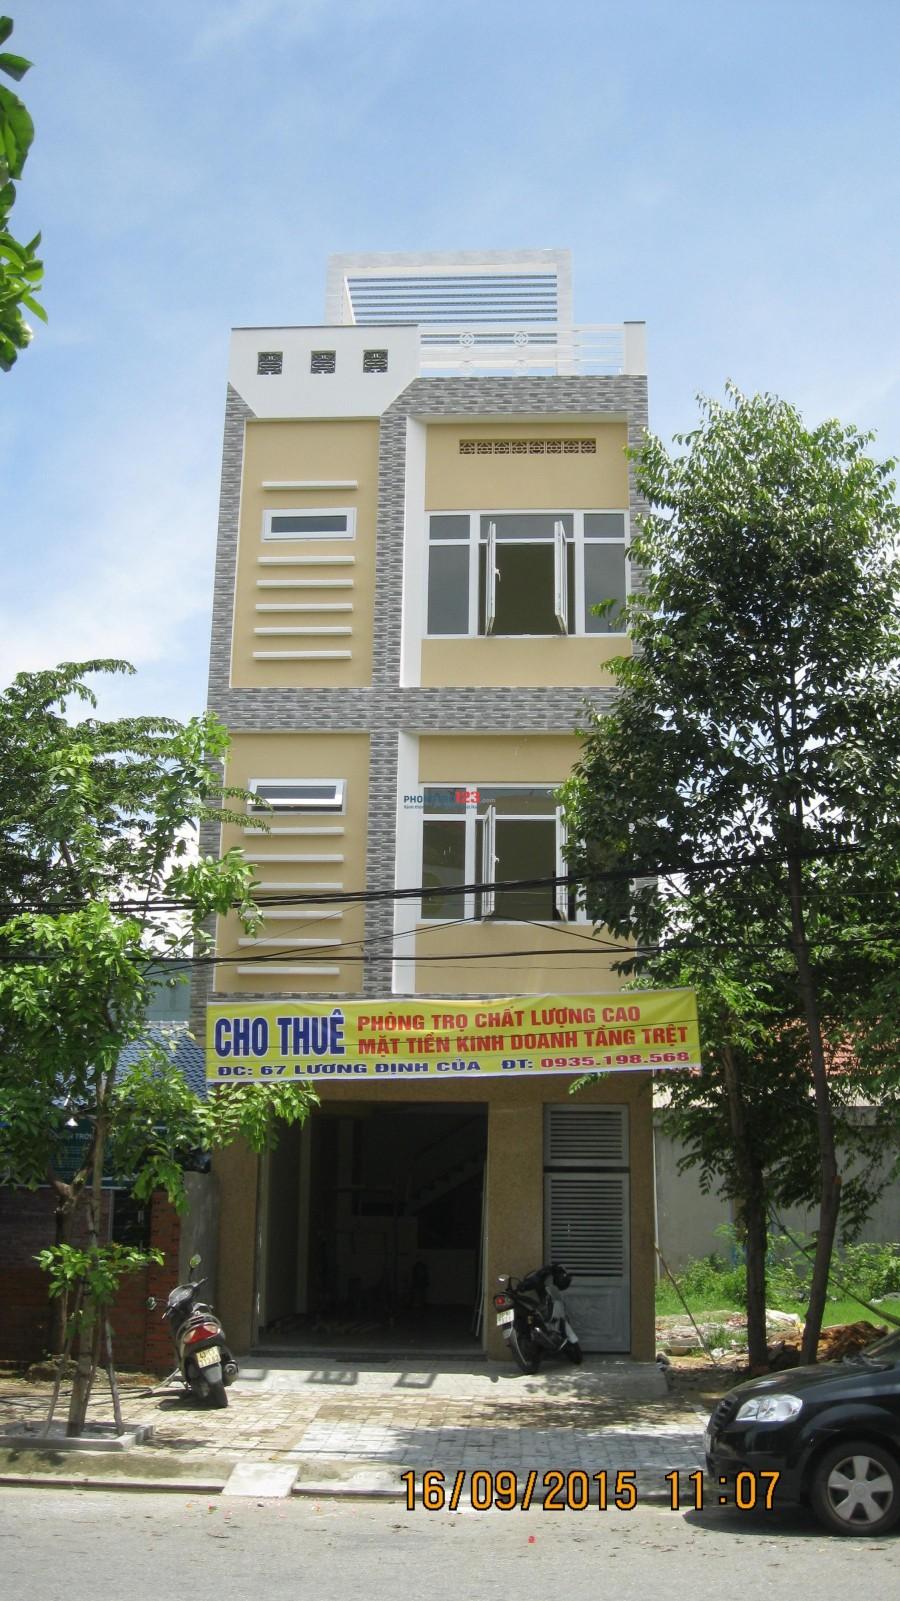 Phòng trọ chất lượng tại Đà Nẵng